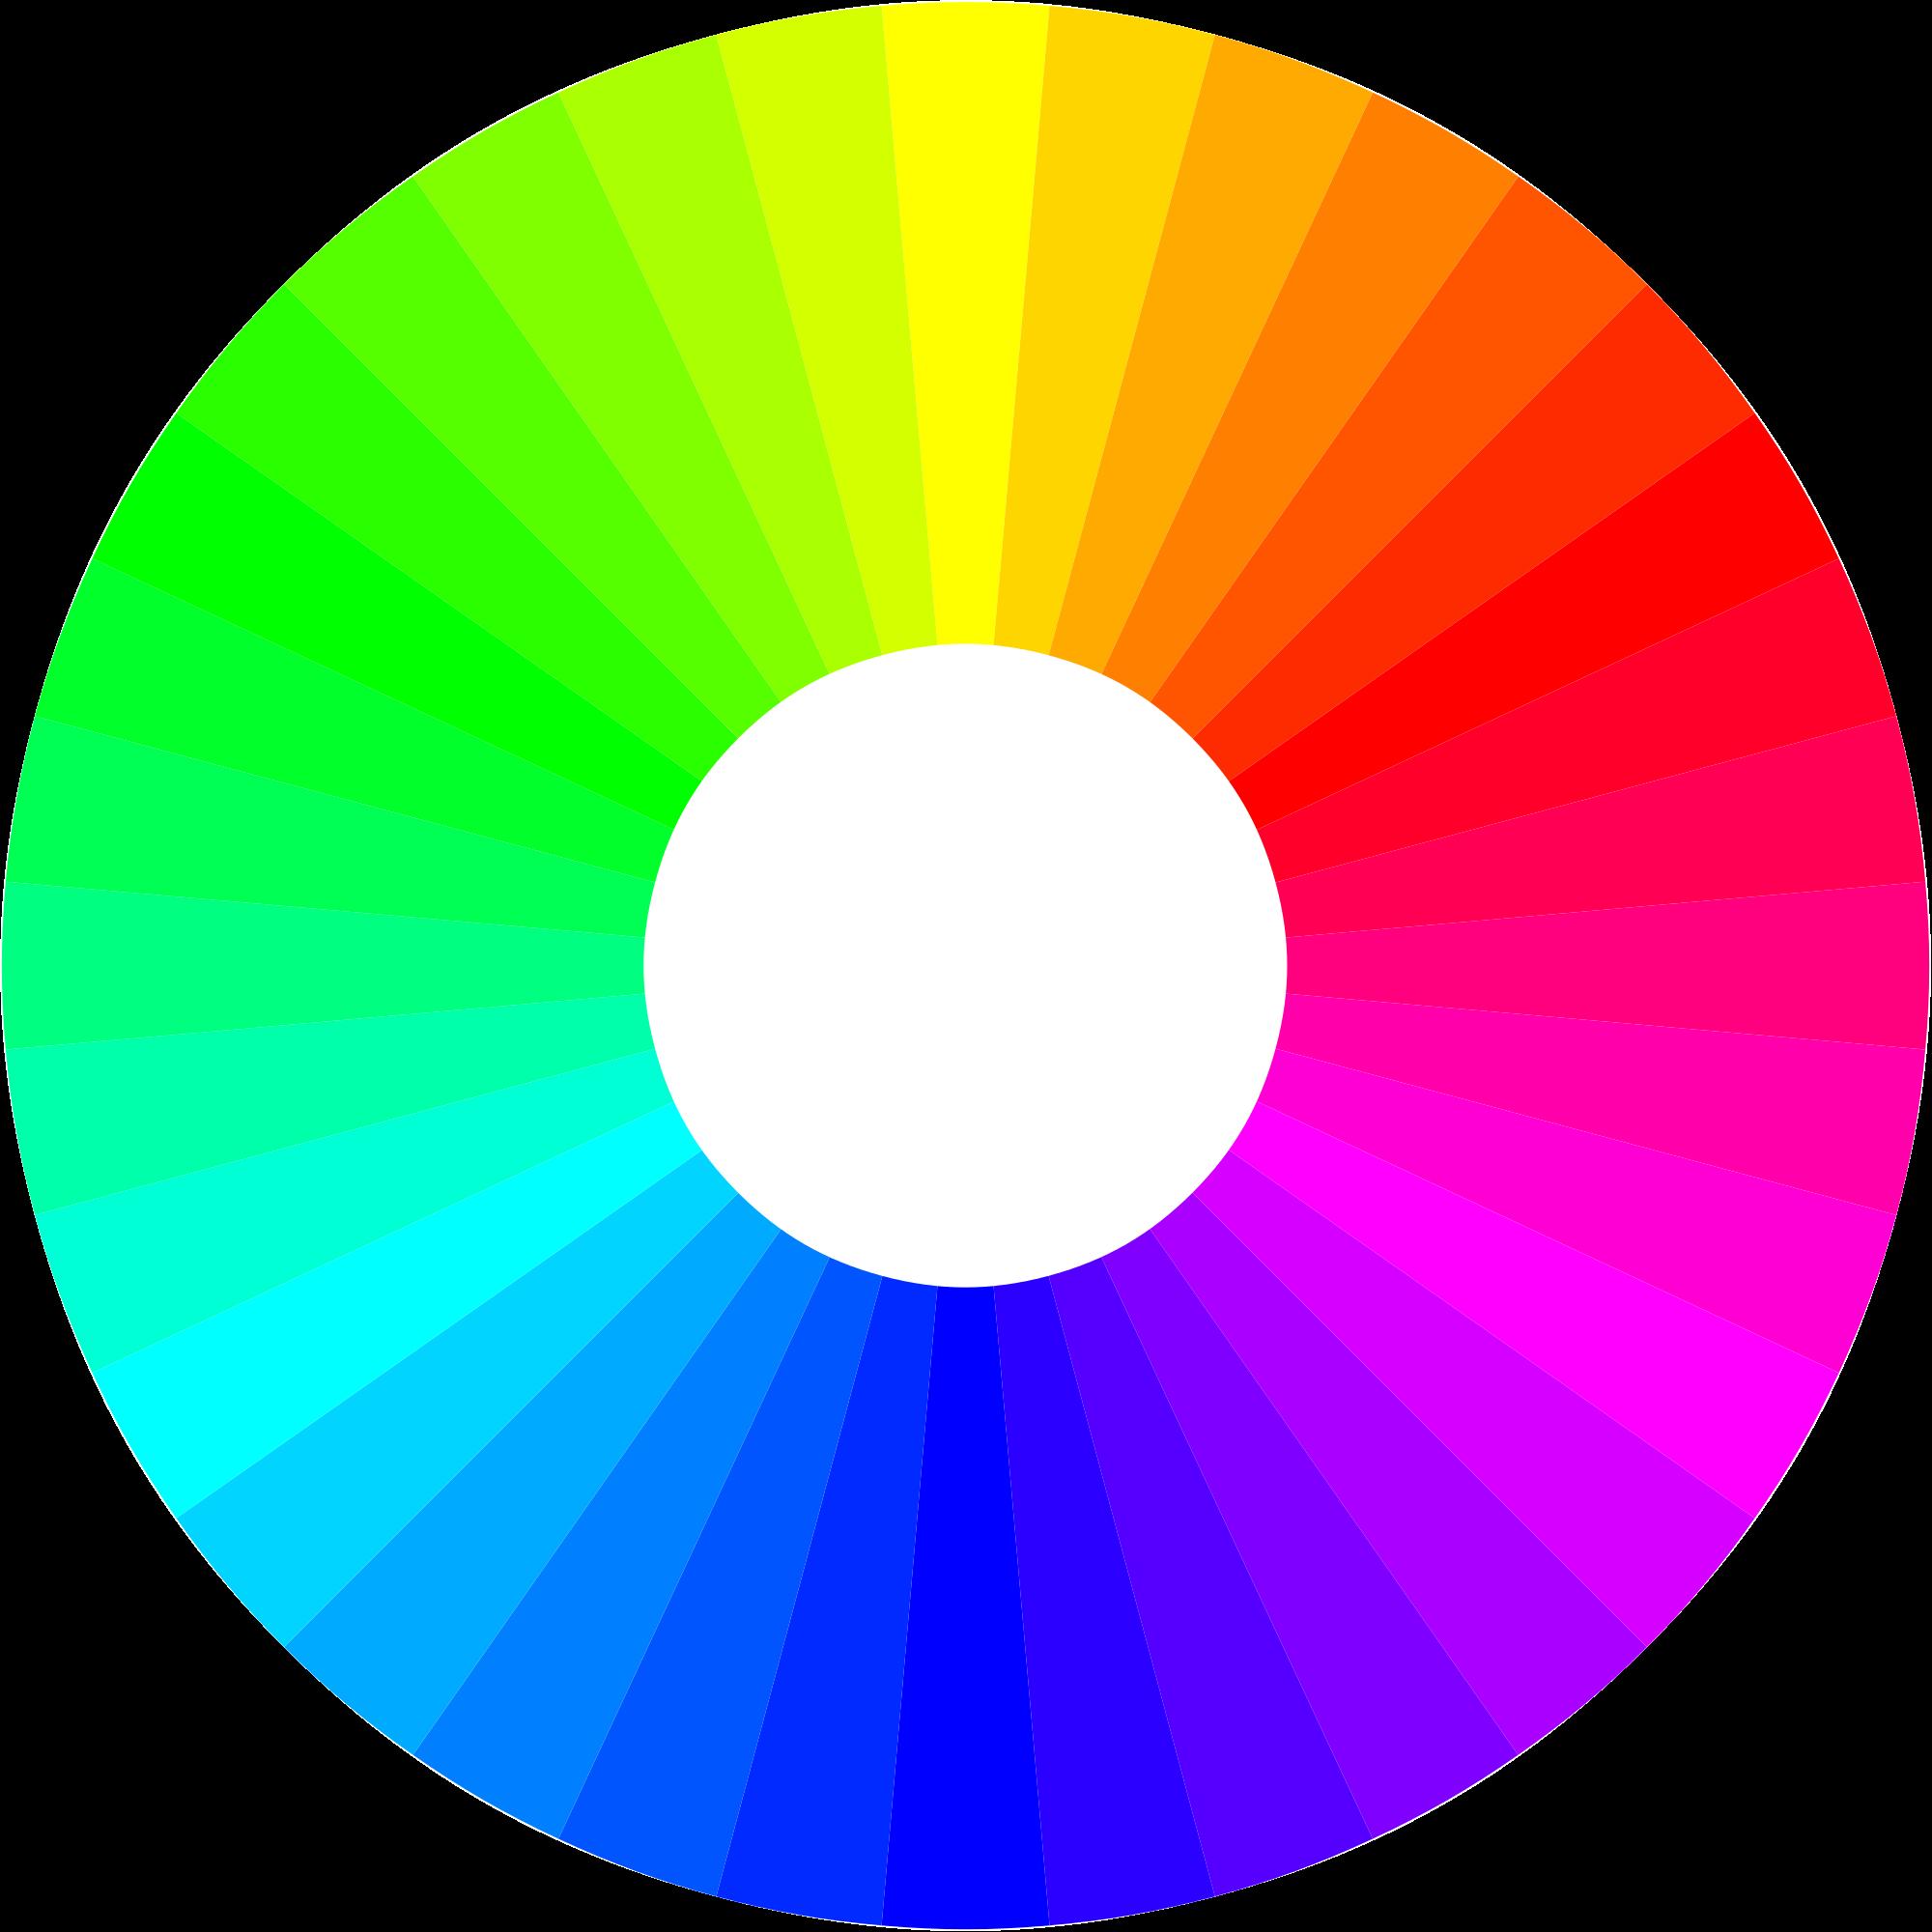 Padrão de cores RGB